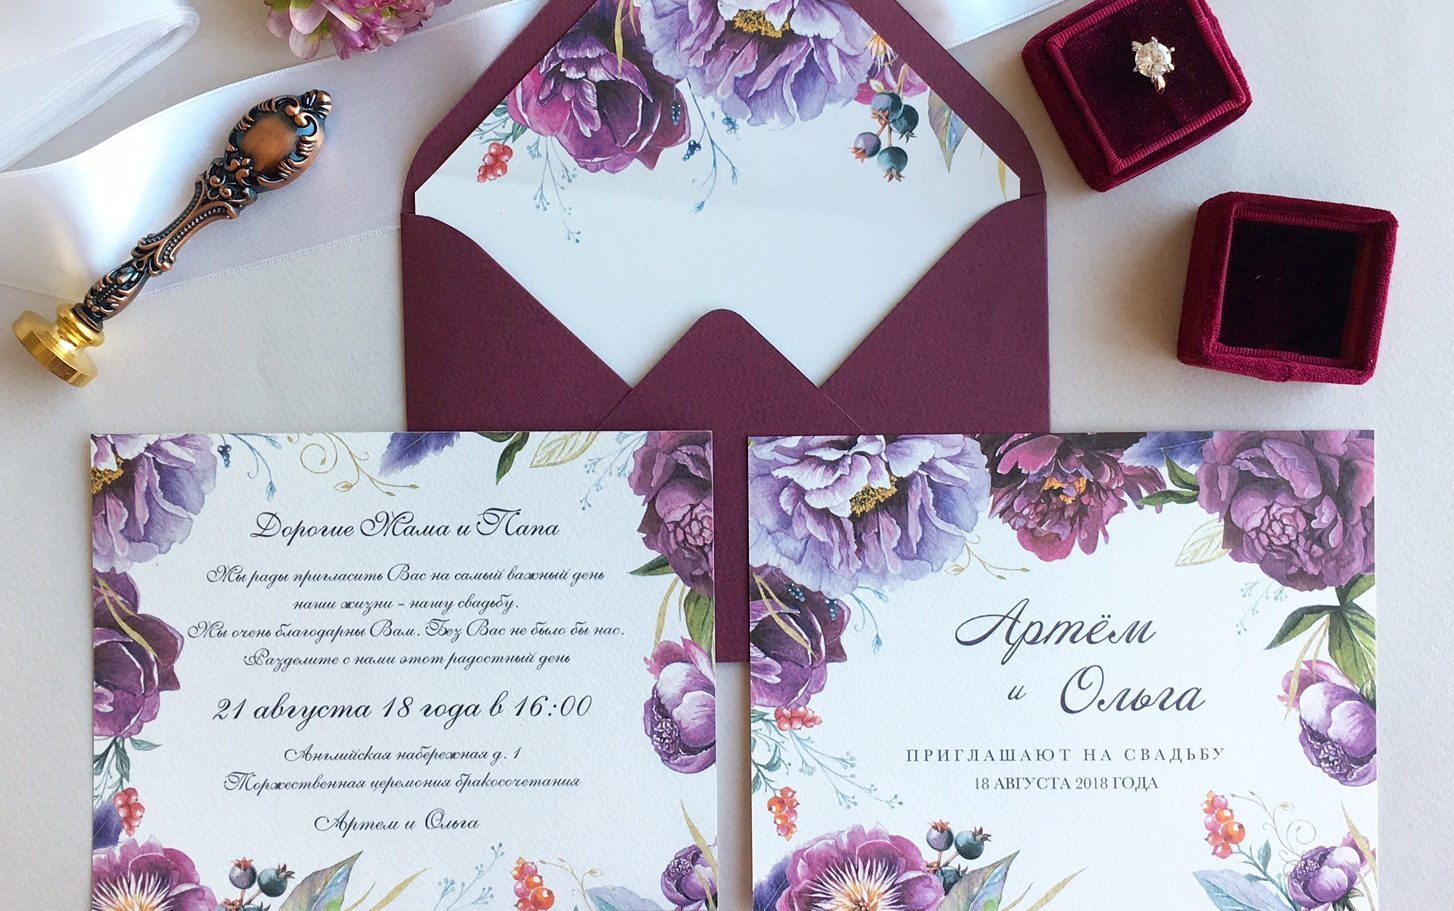 Дизайн пригласительных на свадьбу